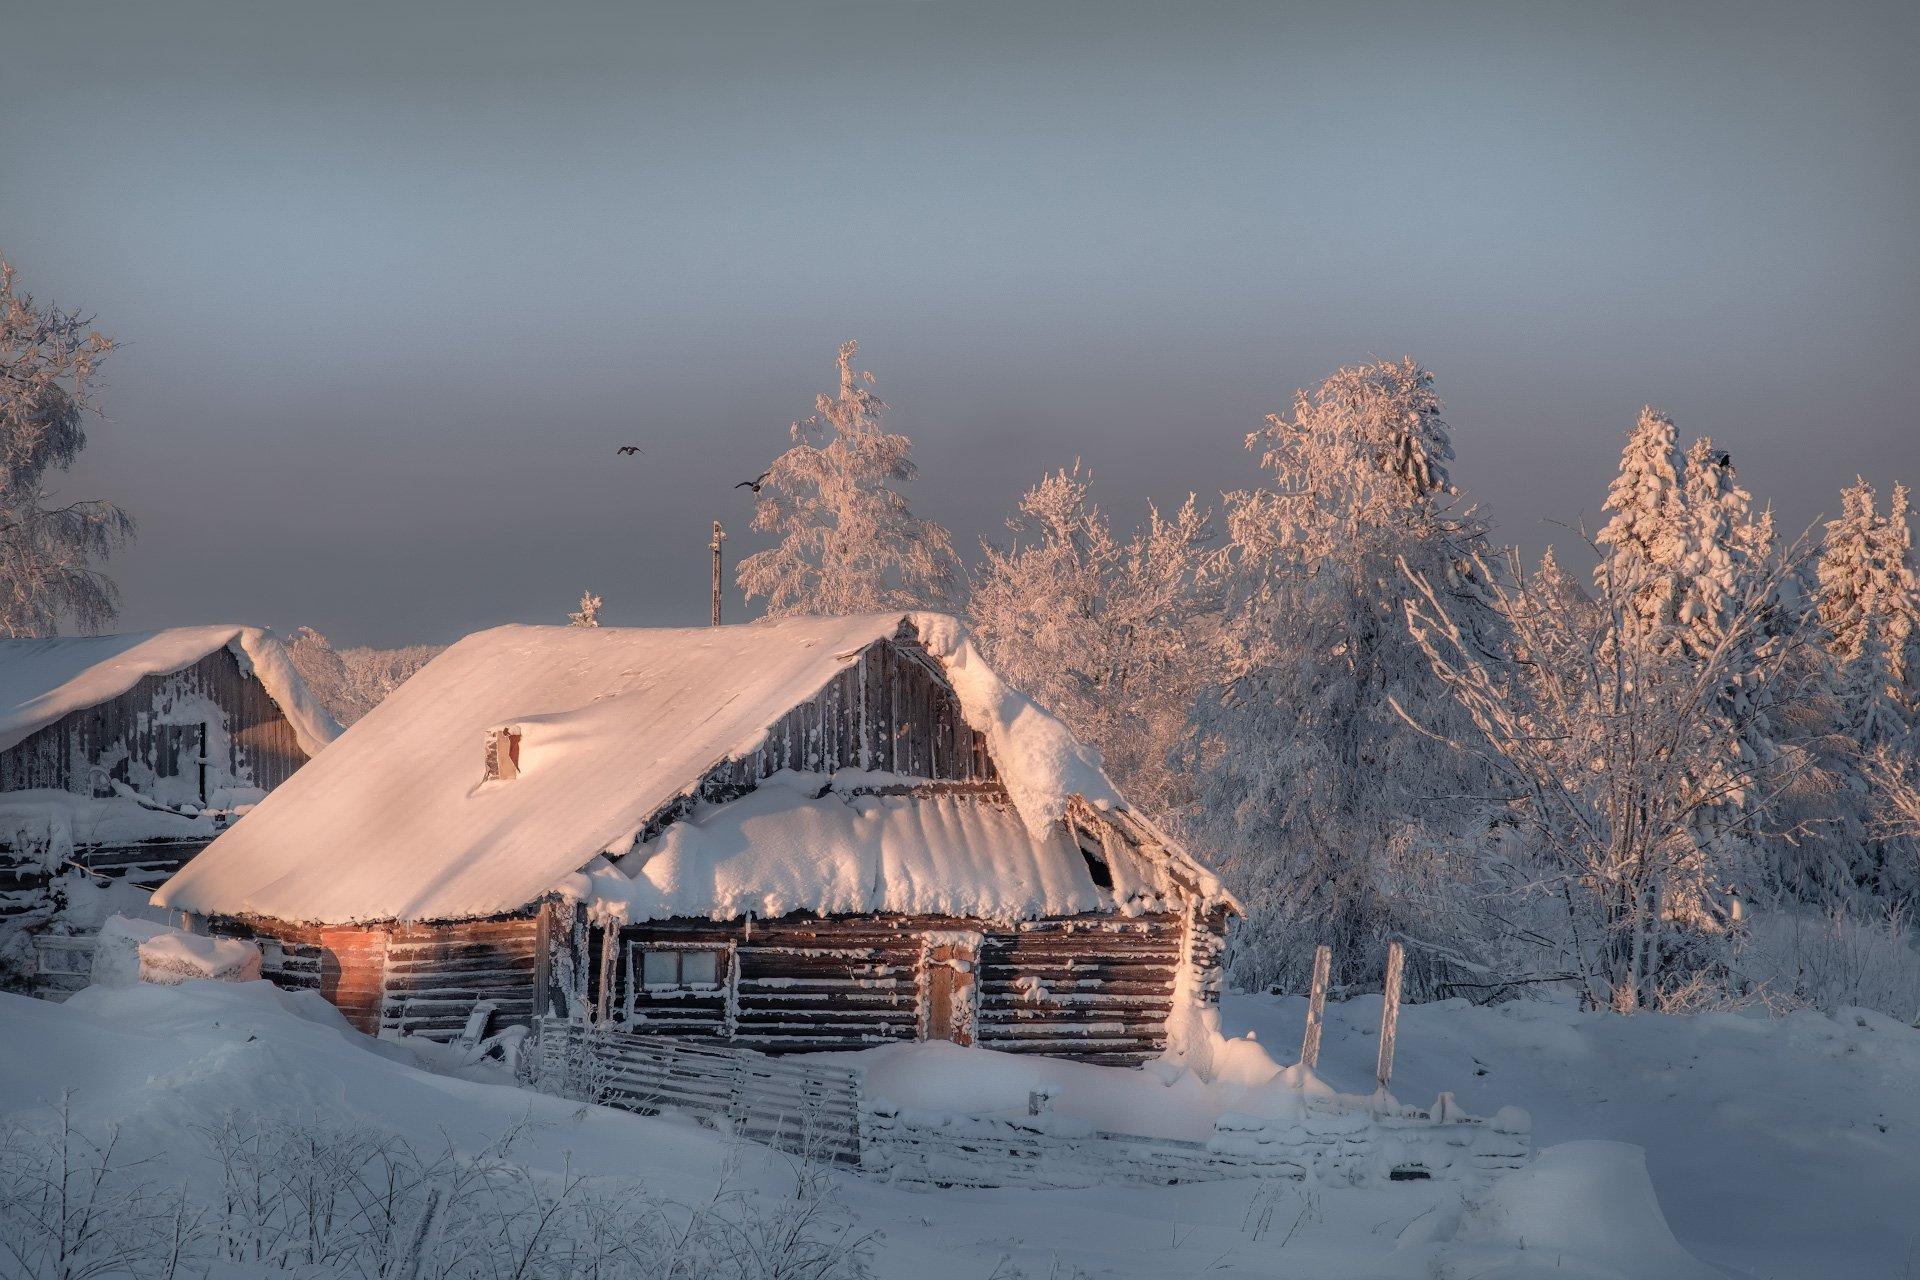 белая гора, урал, пермь, изба, дом, зима, рождество, снег, мороз, метель, пурга, холод, белый, утро, рассвет, Андрей Чиж